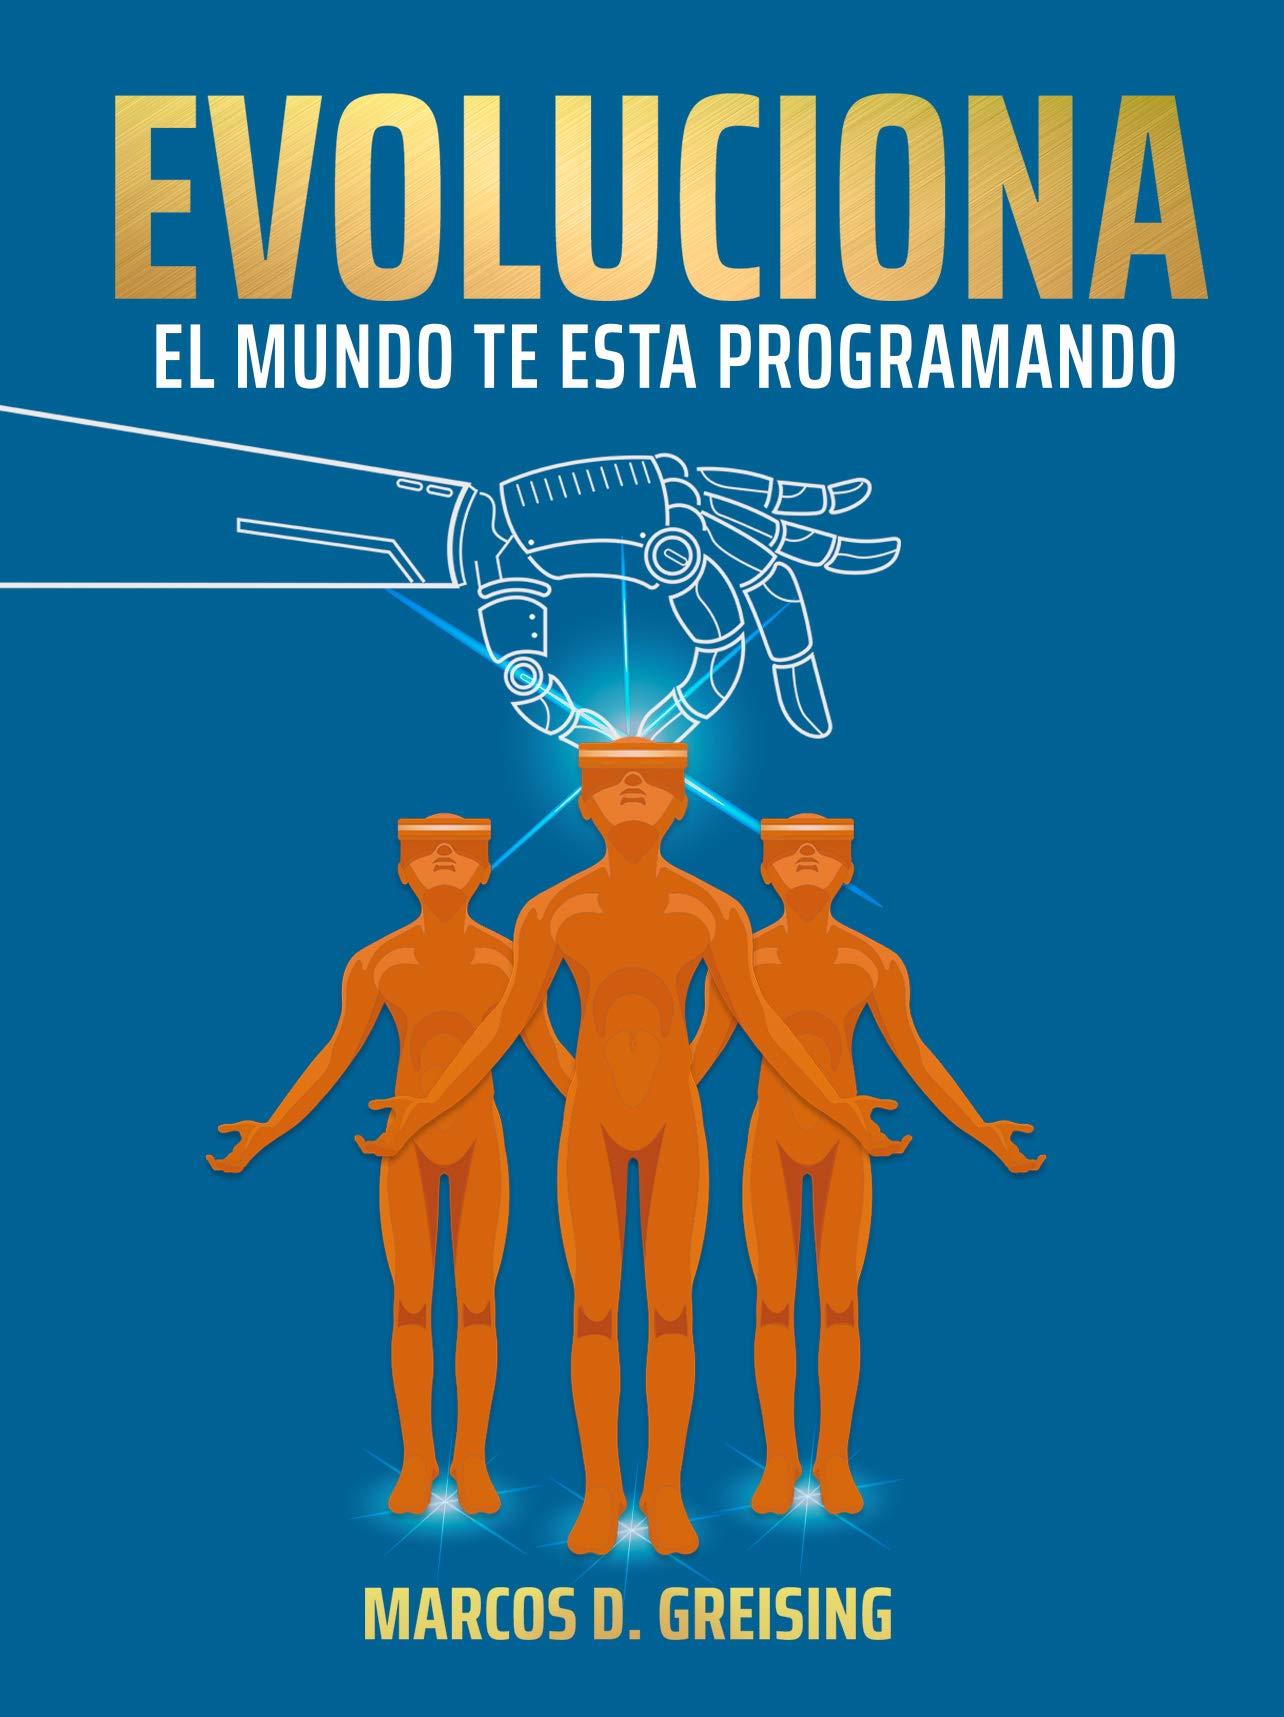 EVOLUCIONA: EL MUNDO TE ESTA PROGRAMANDO por Marcos Greising